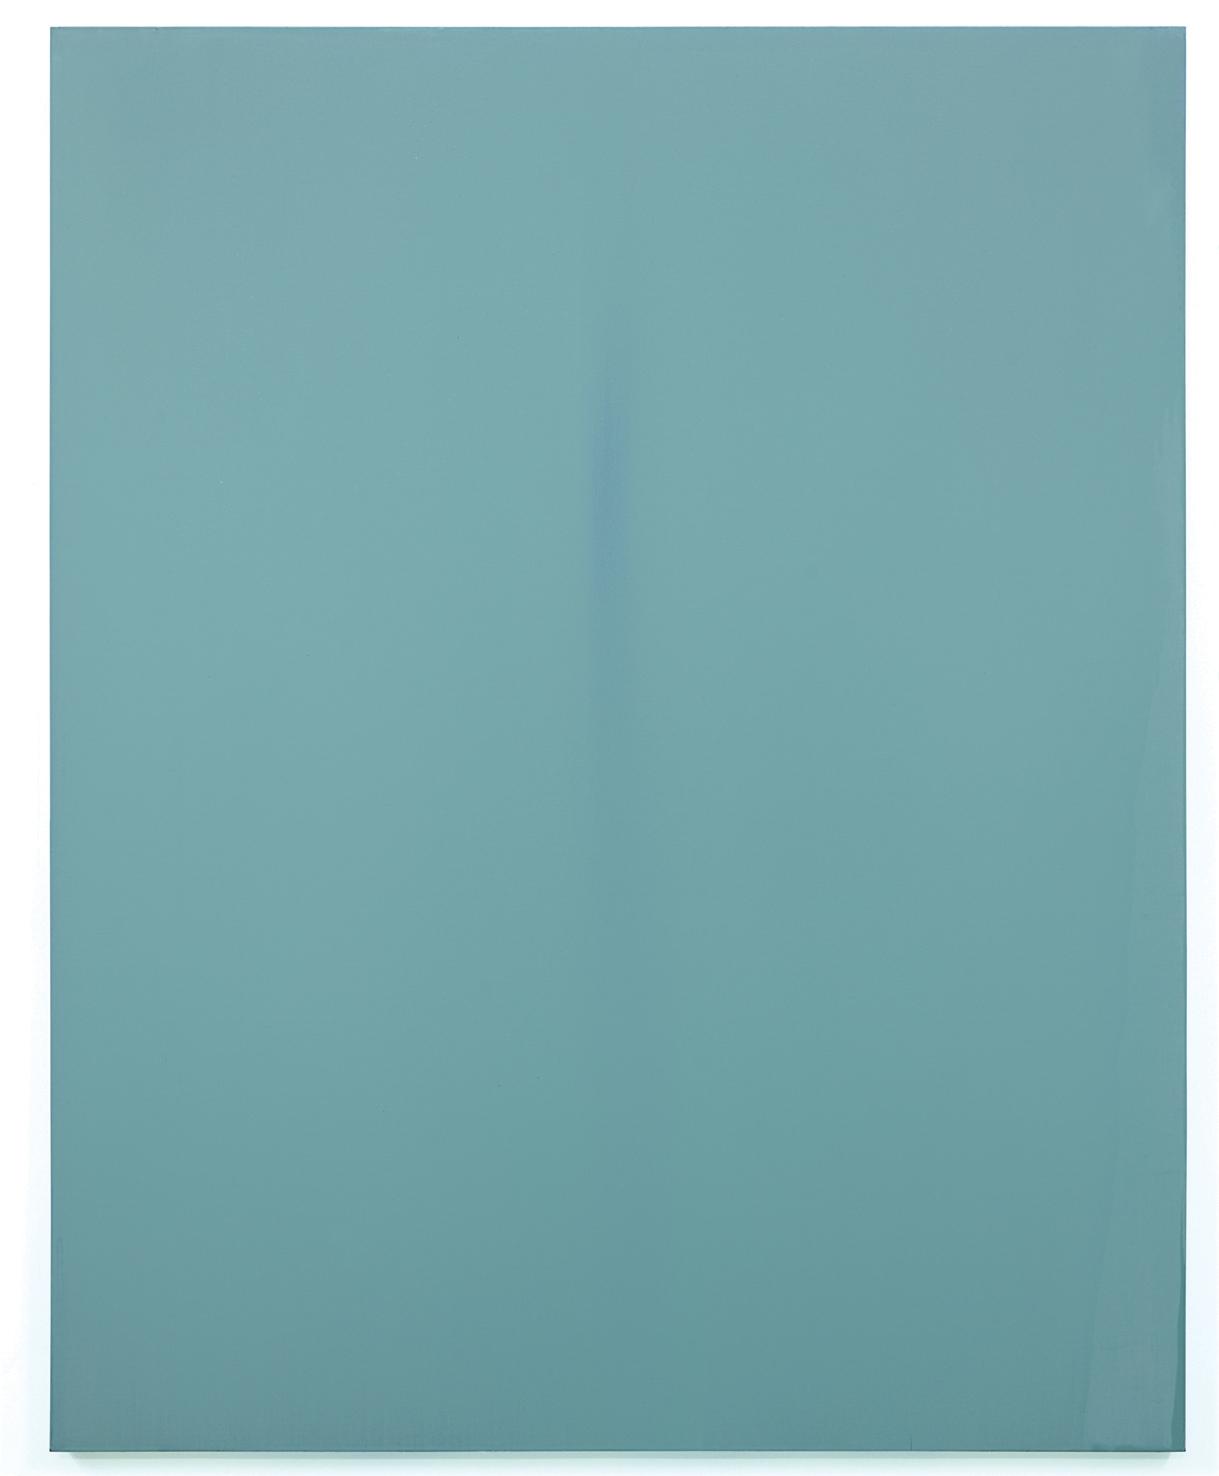 Luke HENG Blue on Blue 2015 Oil on linen H170 x W135 xD5 cm